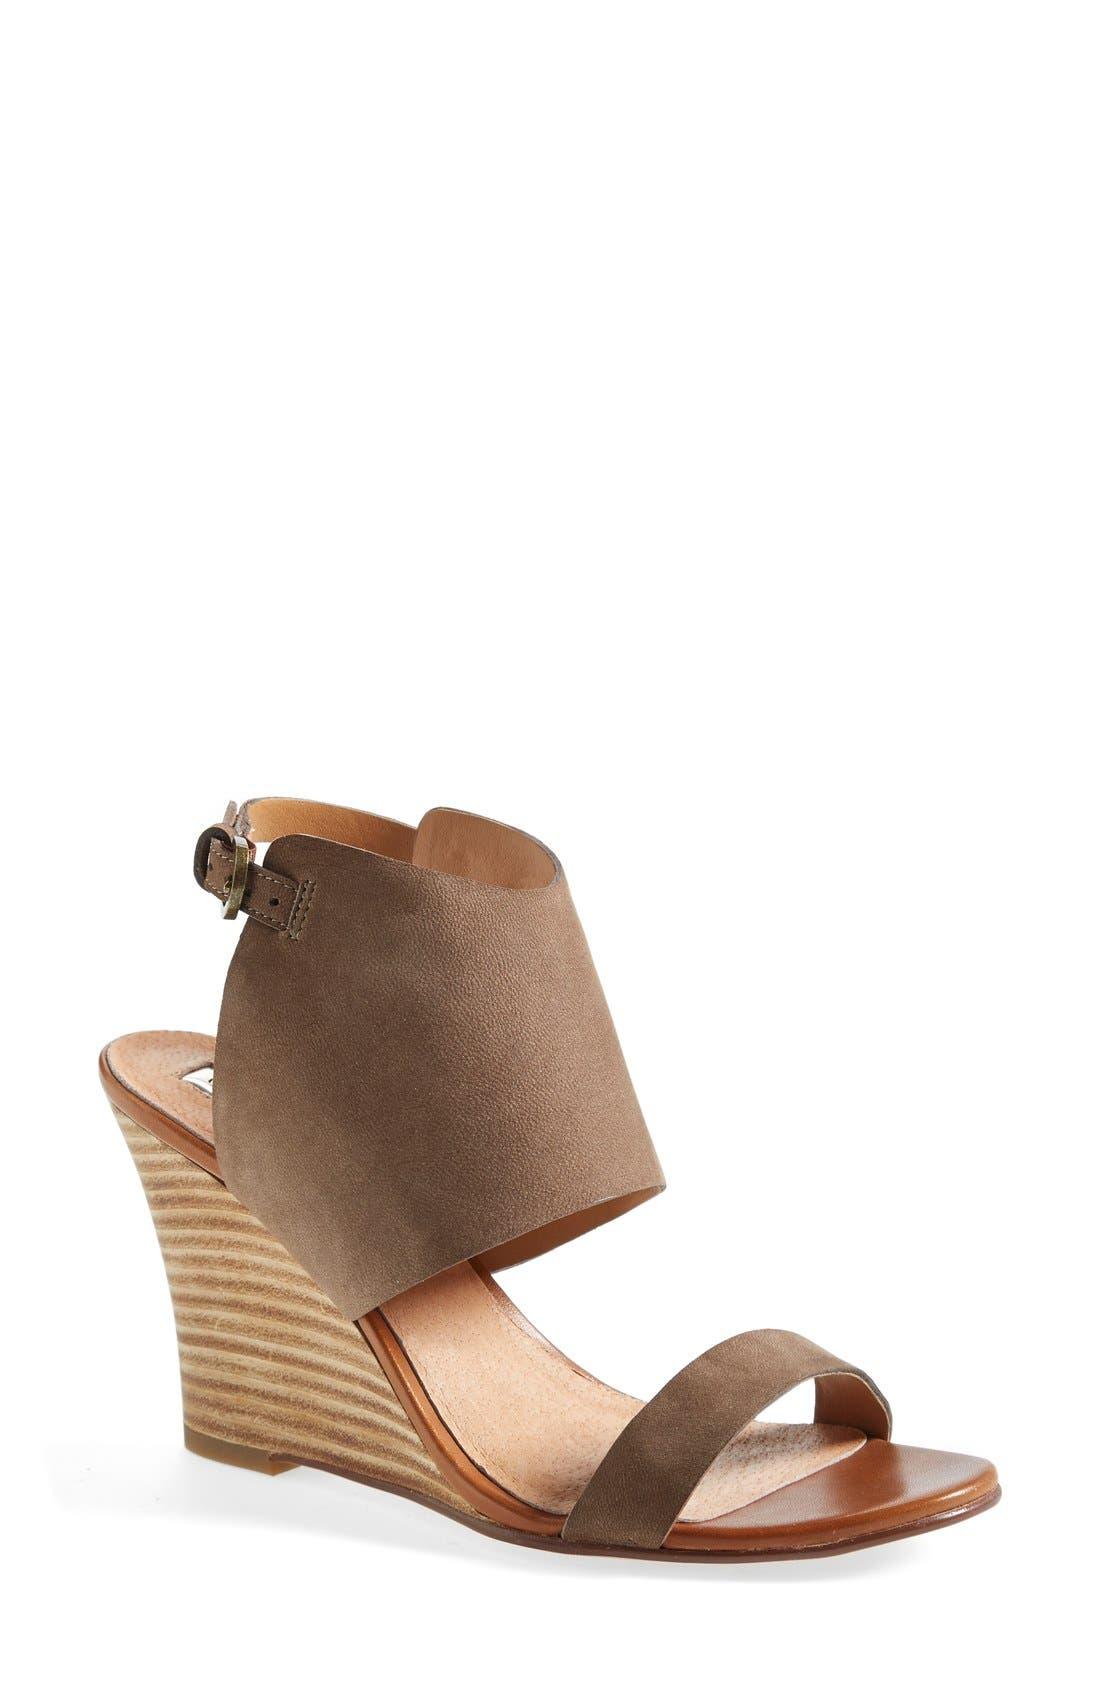 HALOGEN<SUP>®</SUP>, 'Clarette' Wedge Sandal, Main thumbnail 1, color, 030